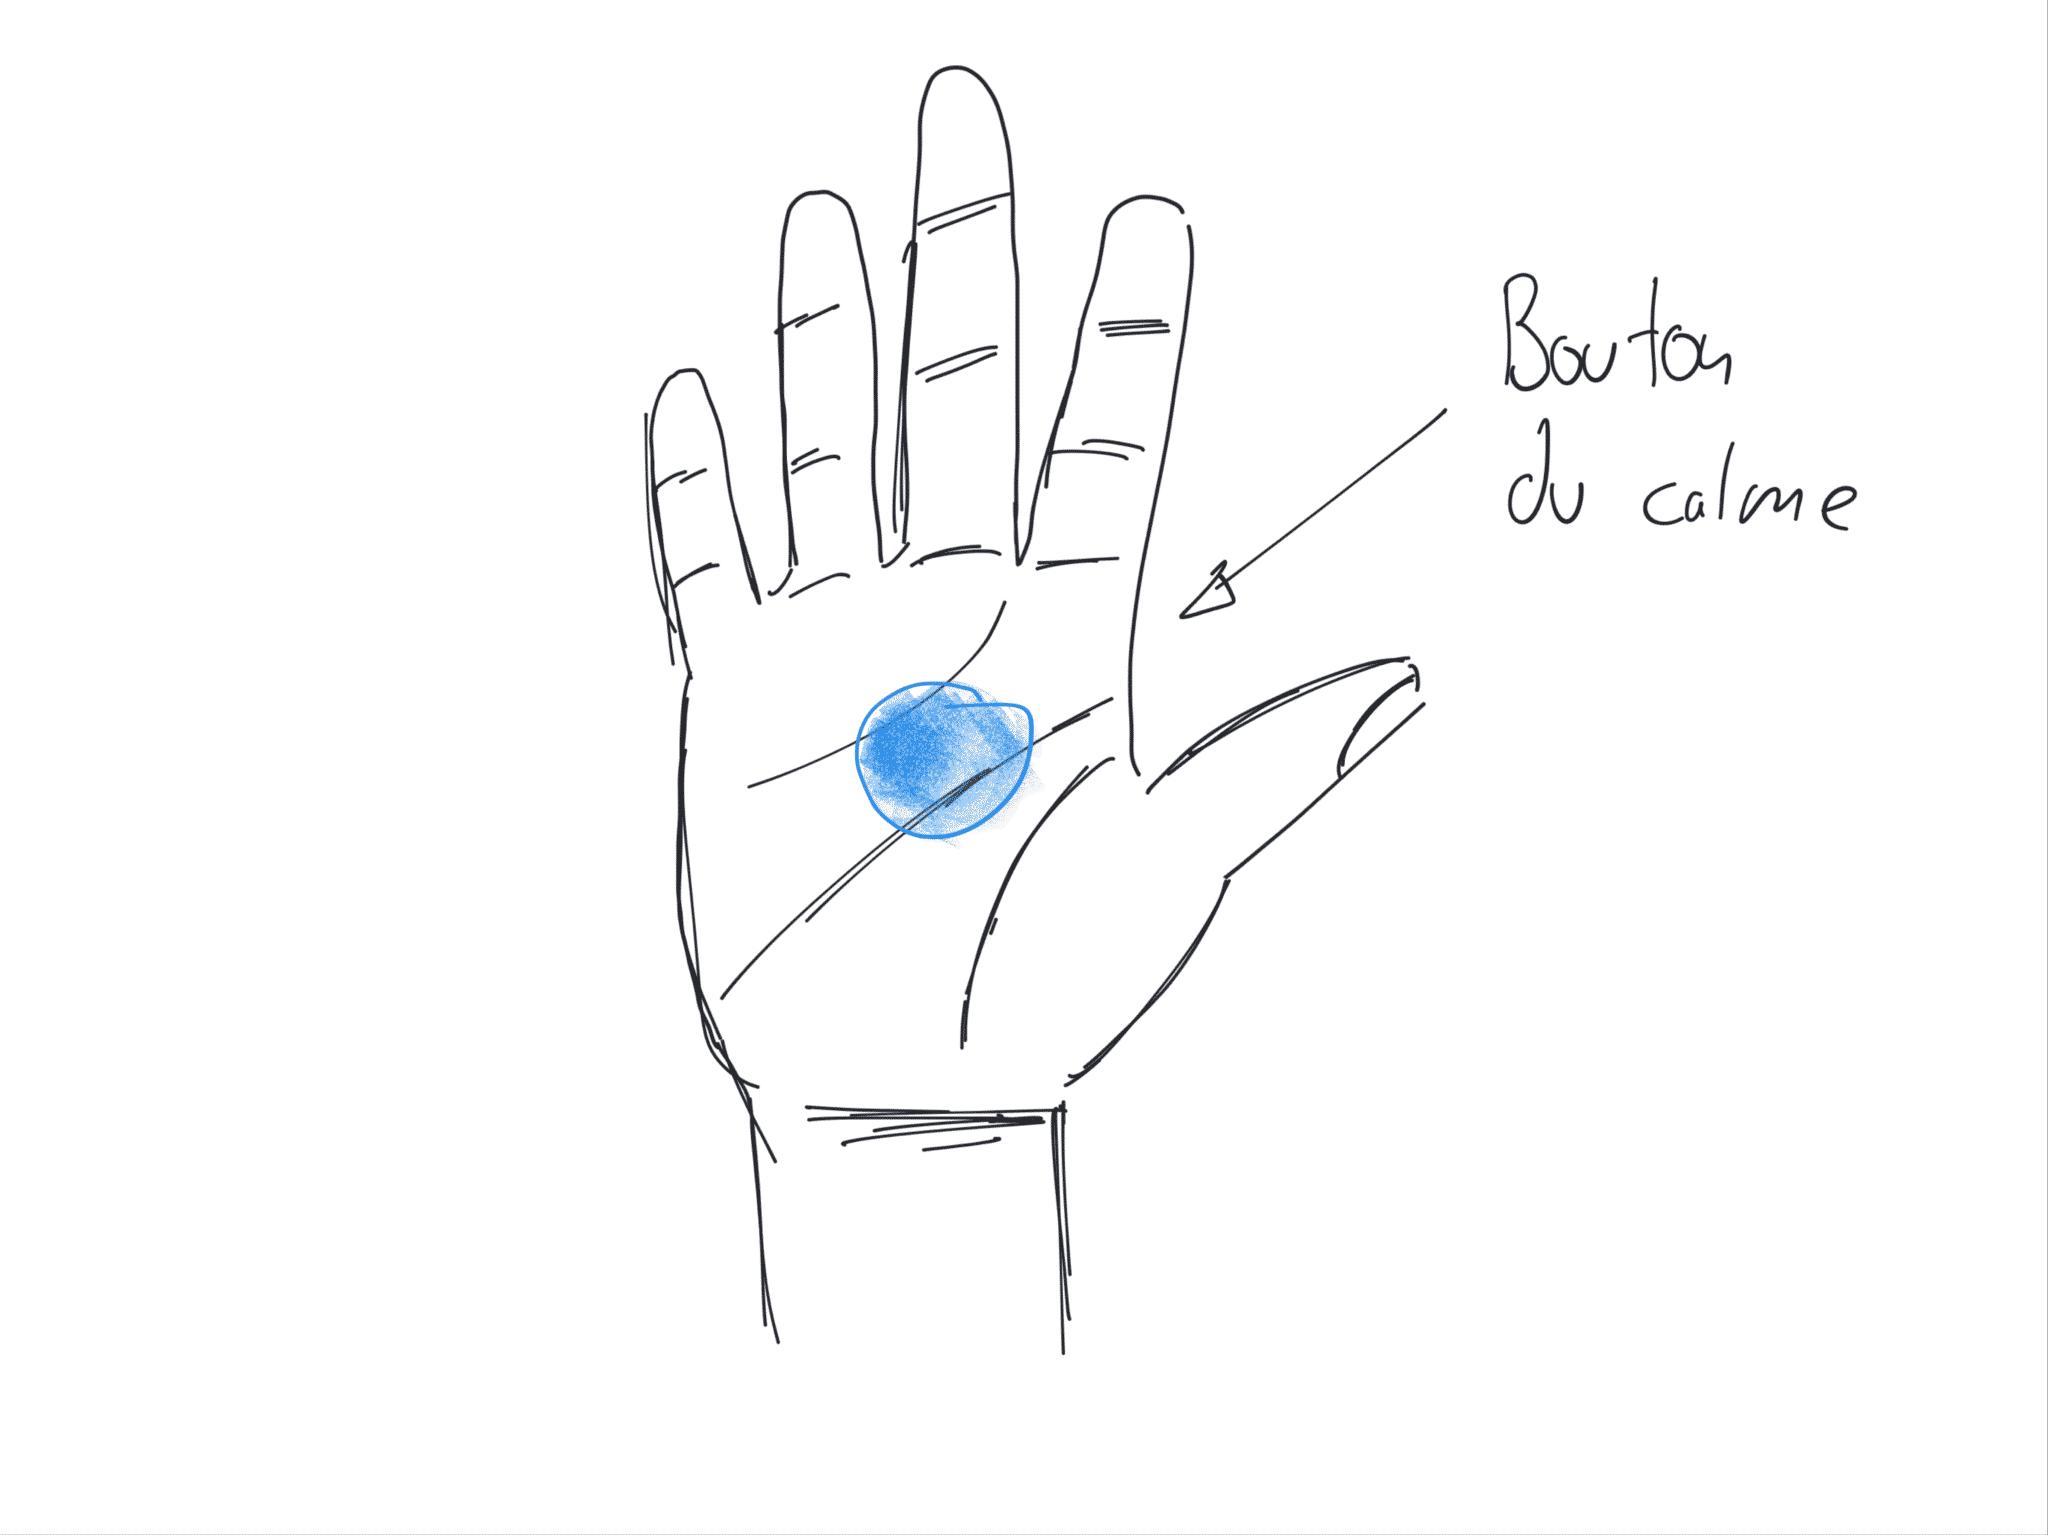 Le bouton du calme